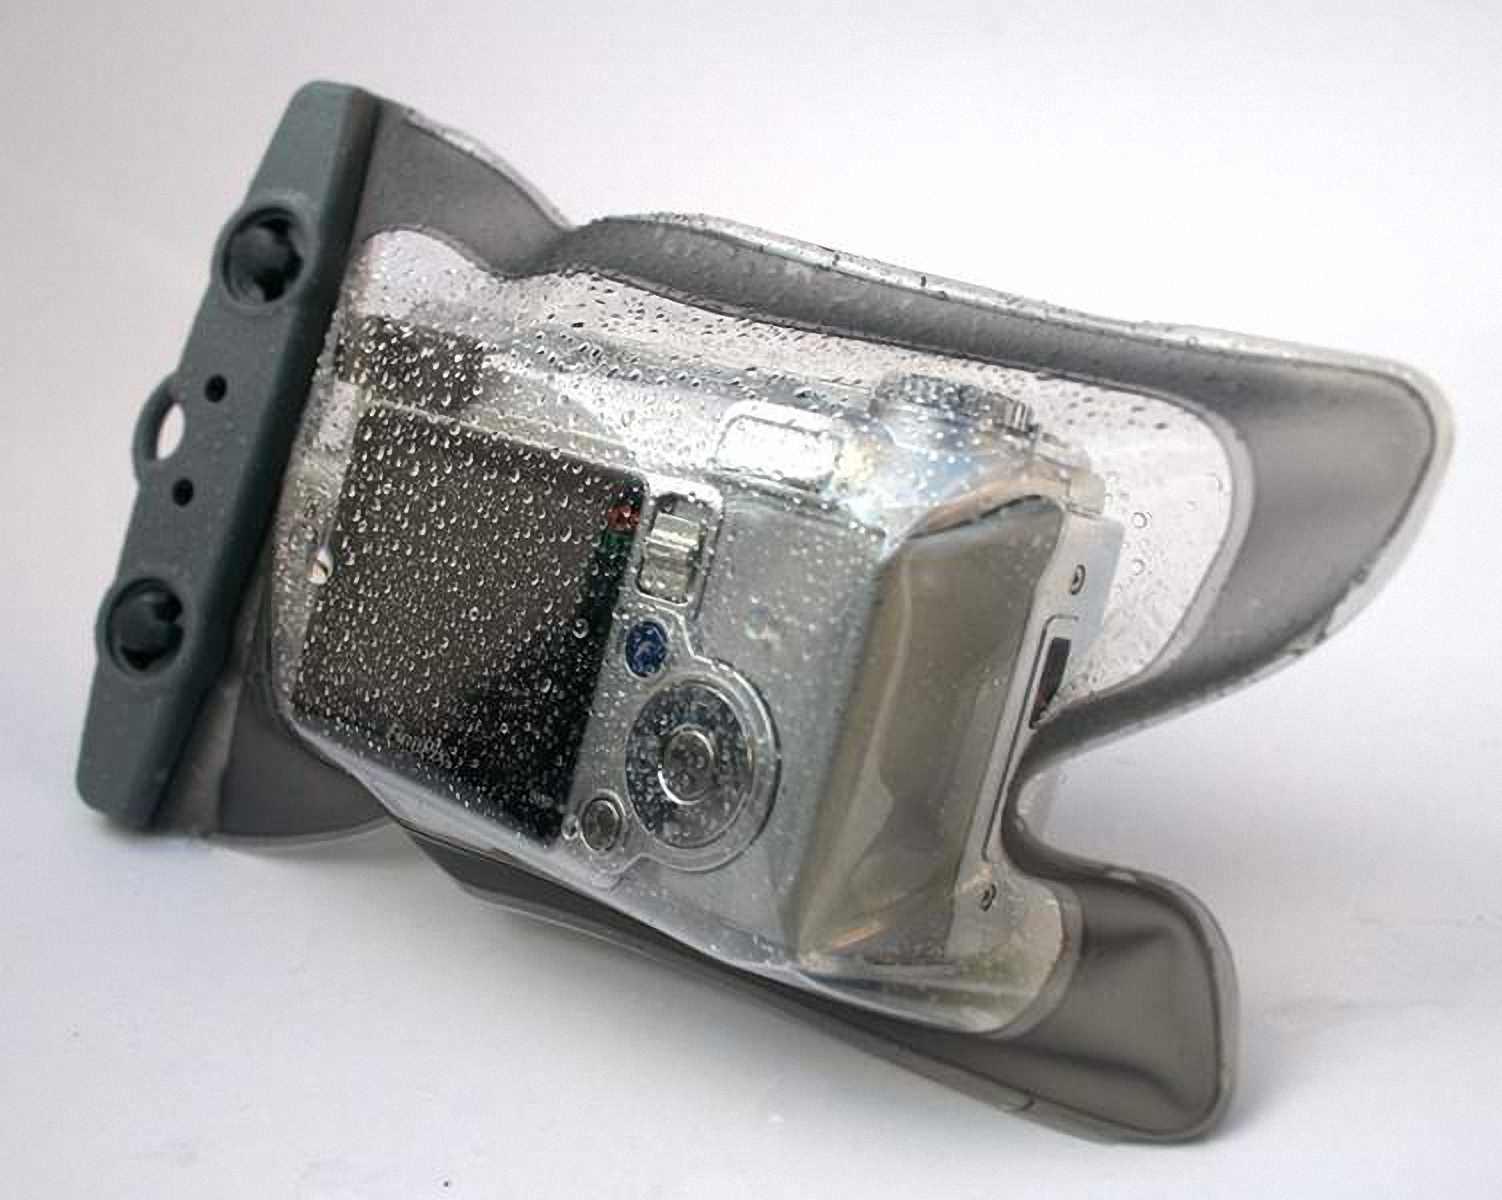 Водонепроницаемый чехол для фотоаппарата - Aquapac 428. Aquapac - №1 в мире водонепроницаемых чехлов и сумок. Фото 6